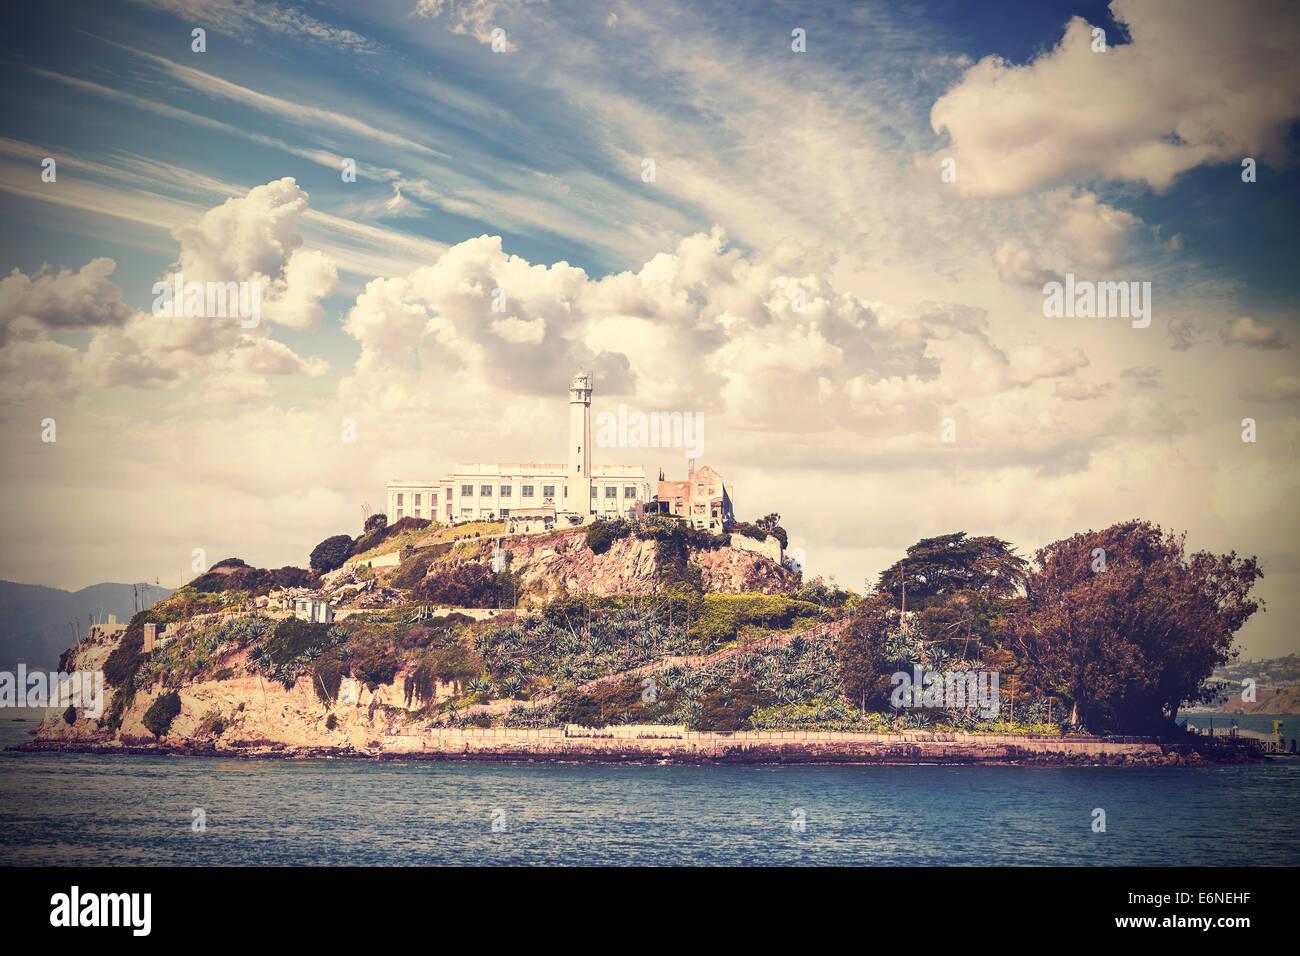 Imagen vintage de la Isla de Alcatraz en San Francisco, Estados Unidos. Foto de stock